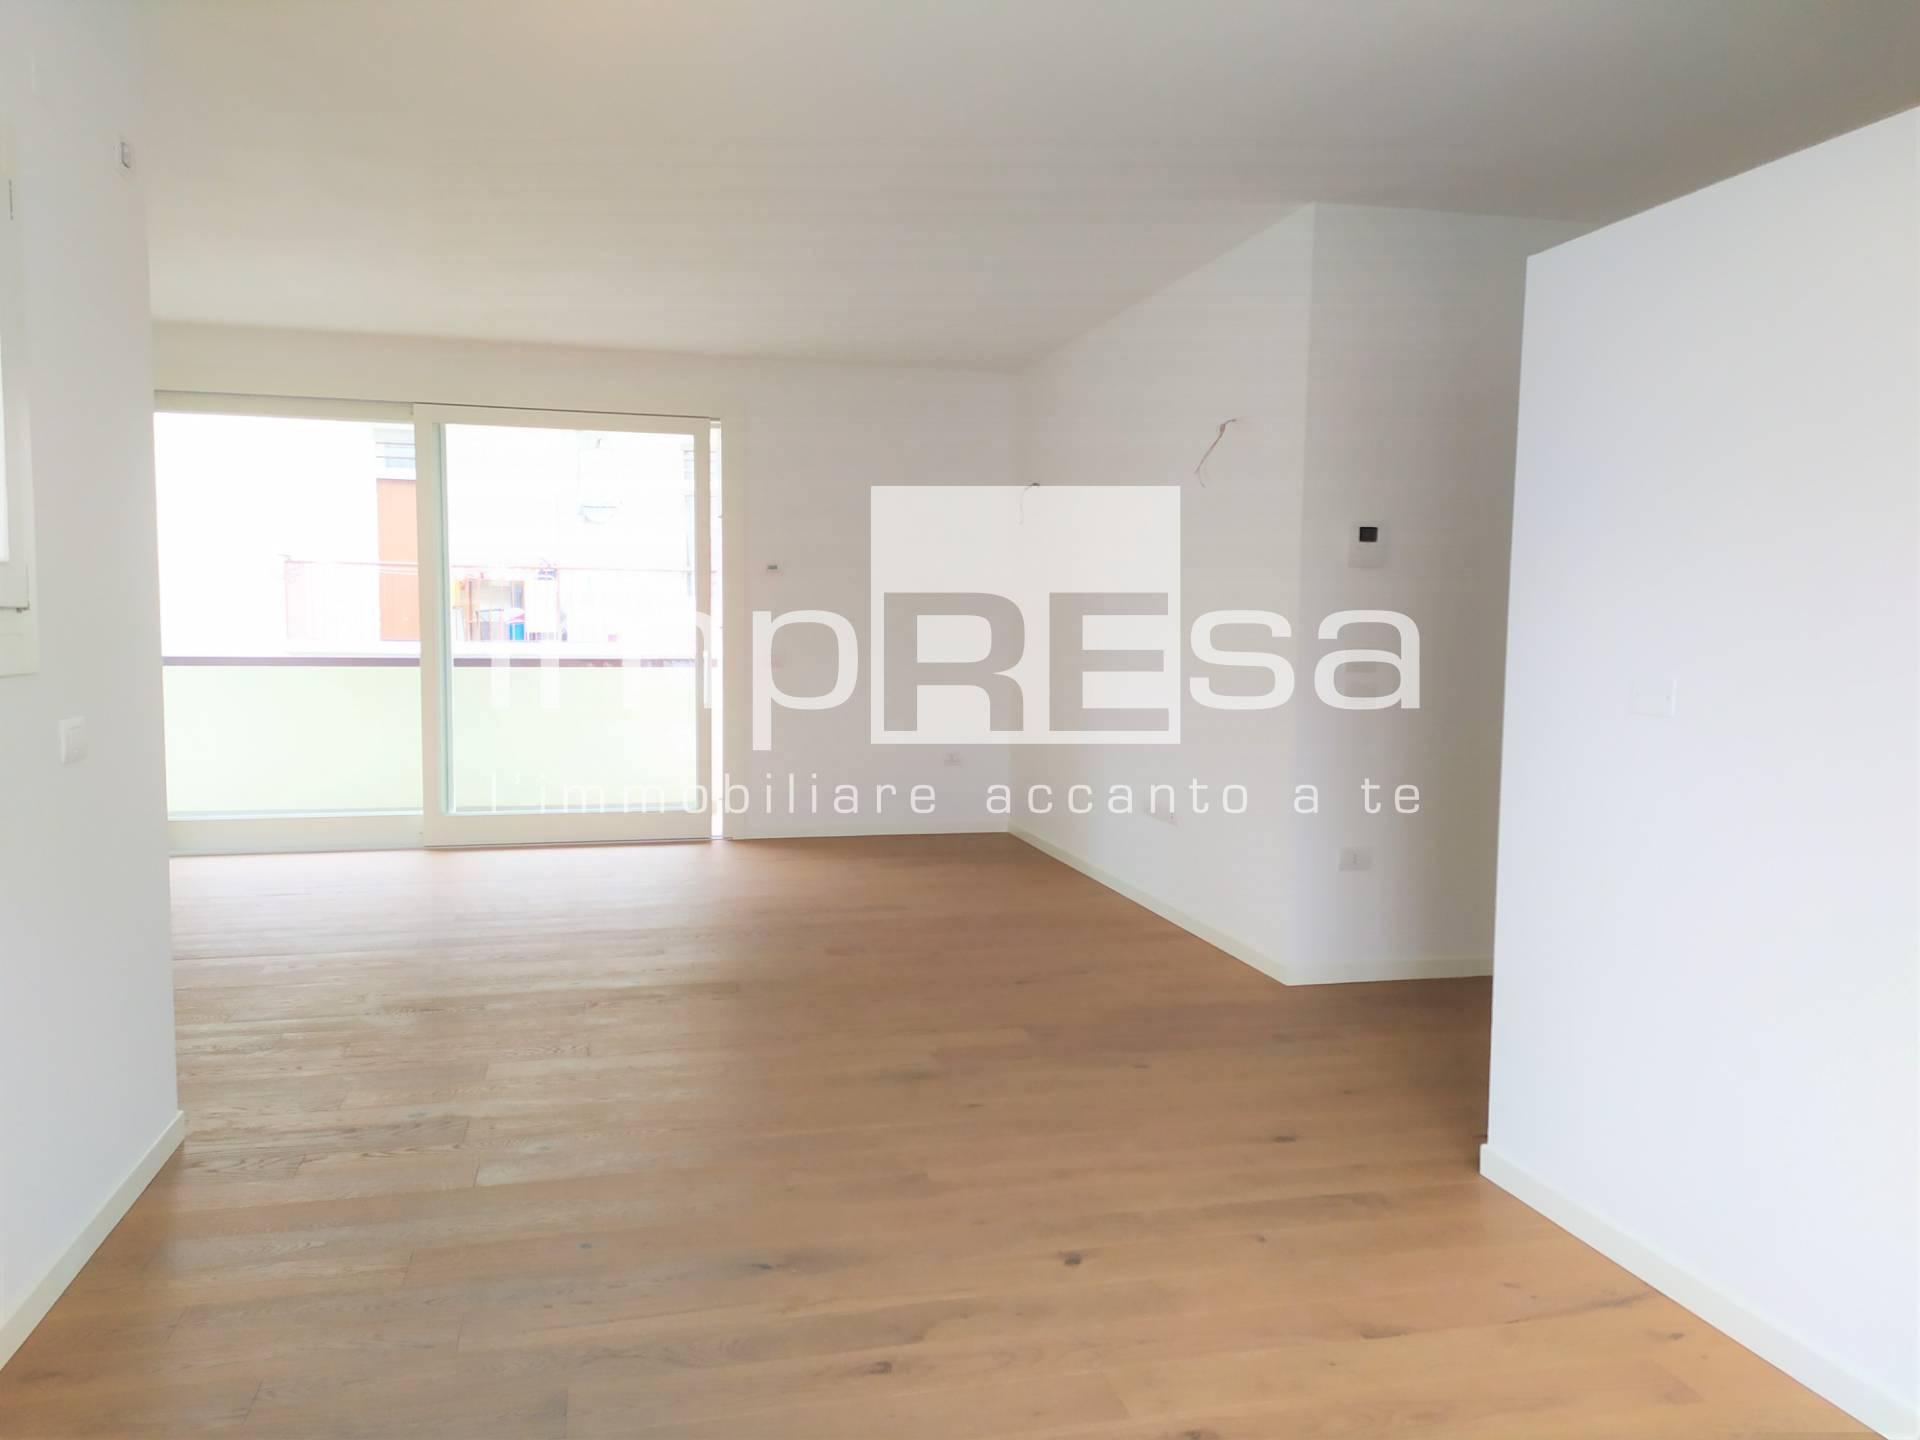 Appartamento in vendita a Mogliano Veneto, 4 locali, prezzo € 260.000   PortaleAgenzieImmobiliari.it